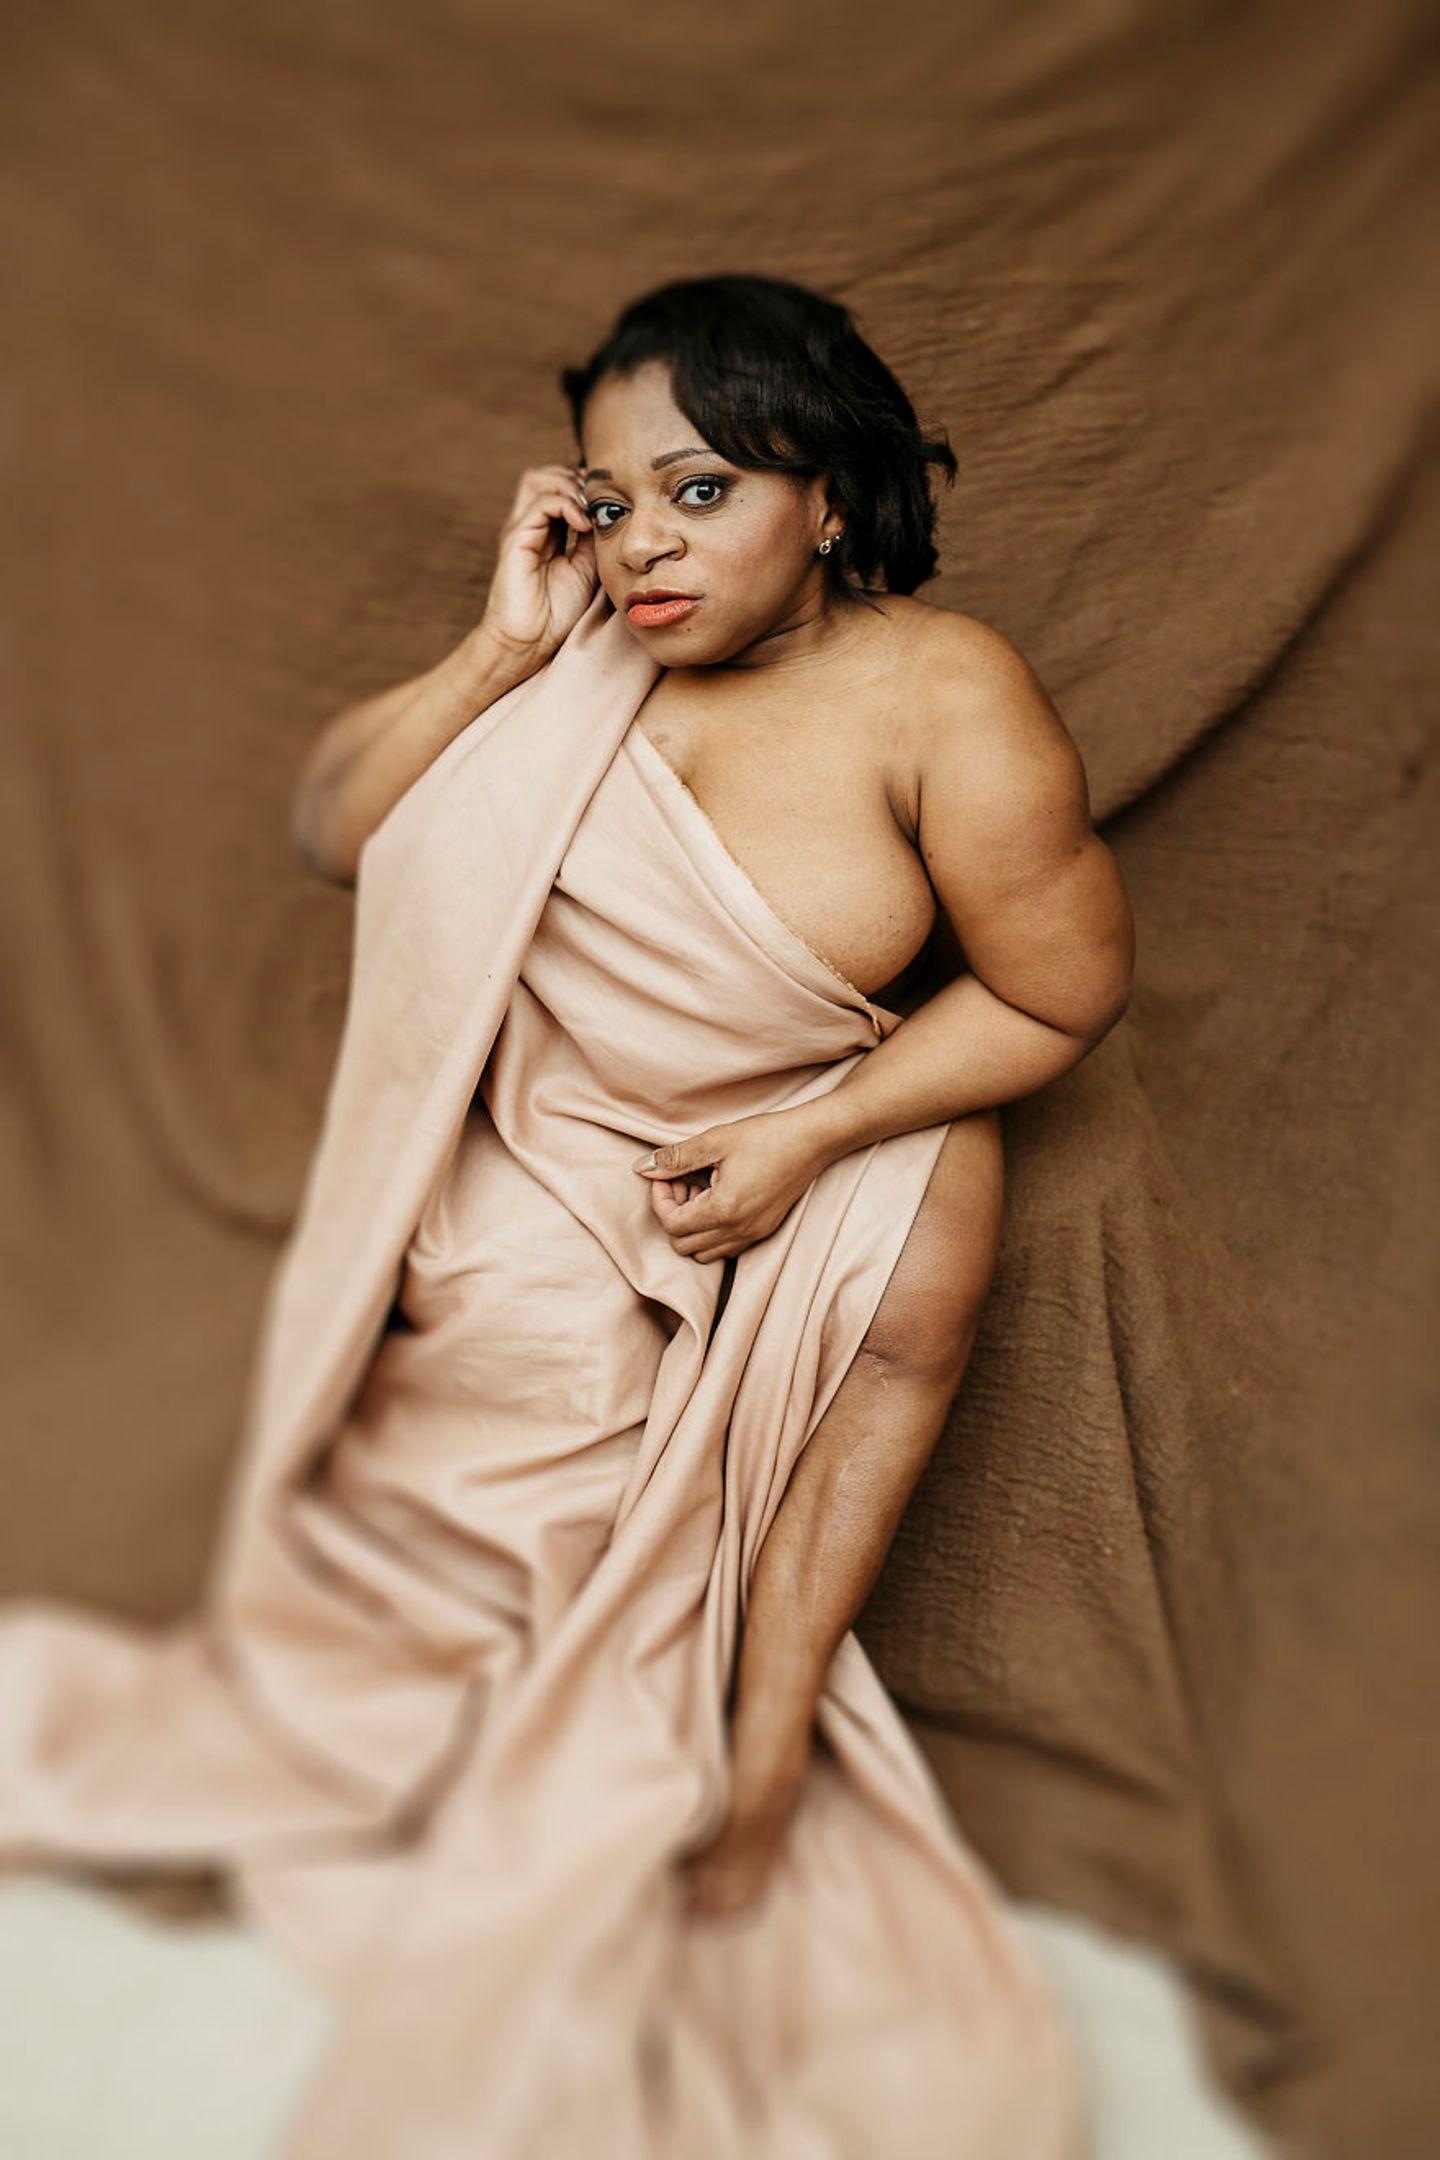 Frauen mit Handicap: Frau posiert mit Decke